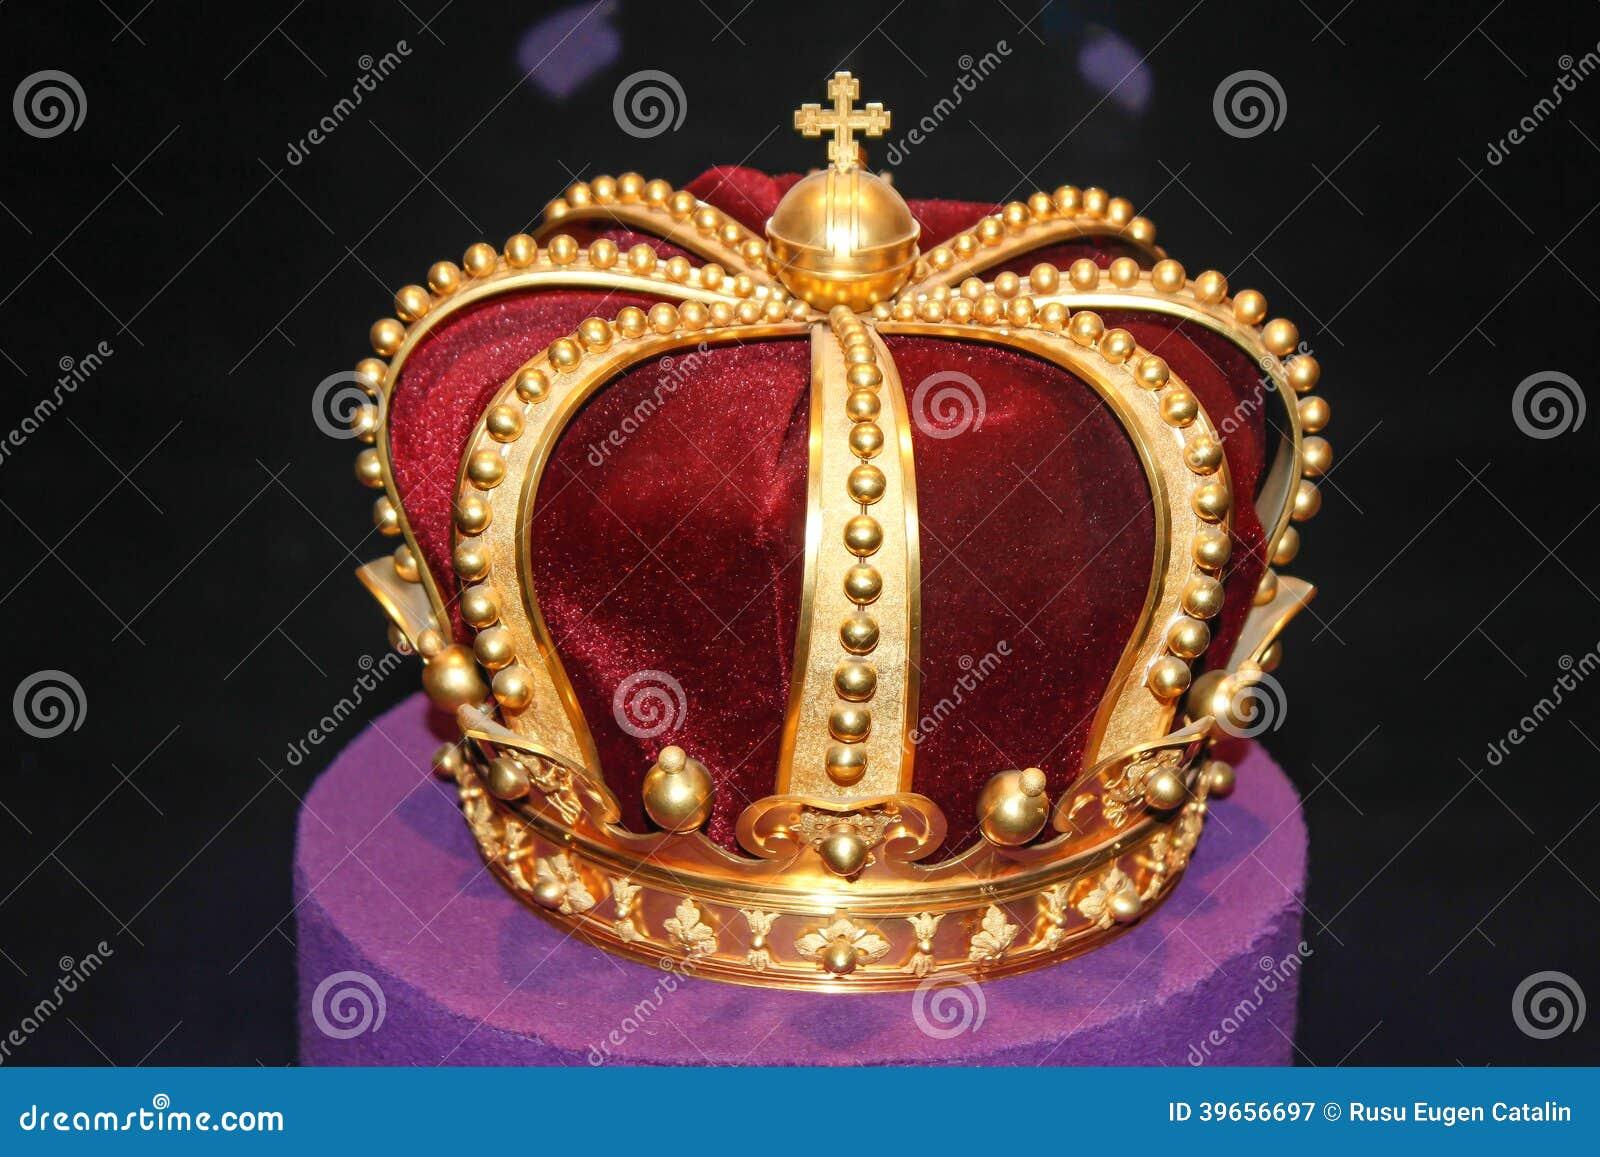 Koninklijke Gouden Kroon